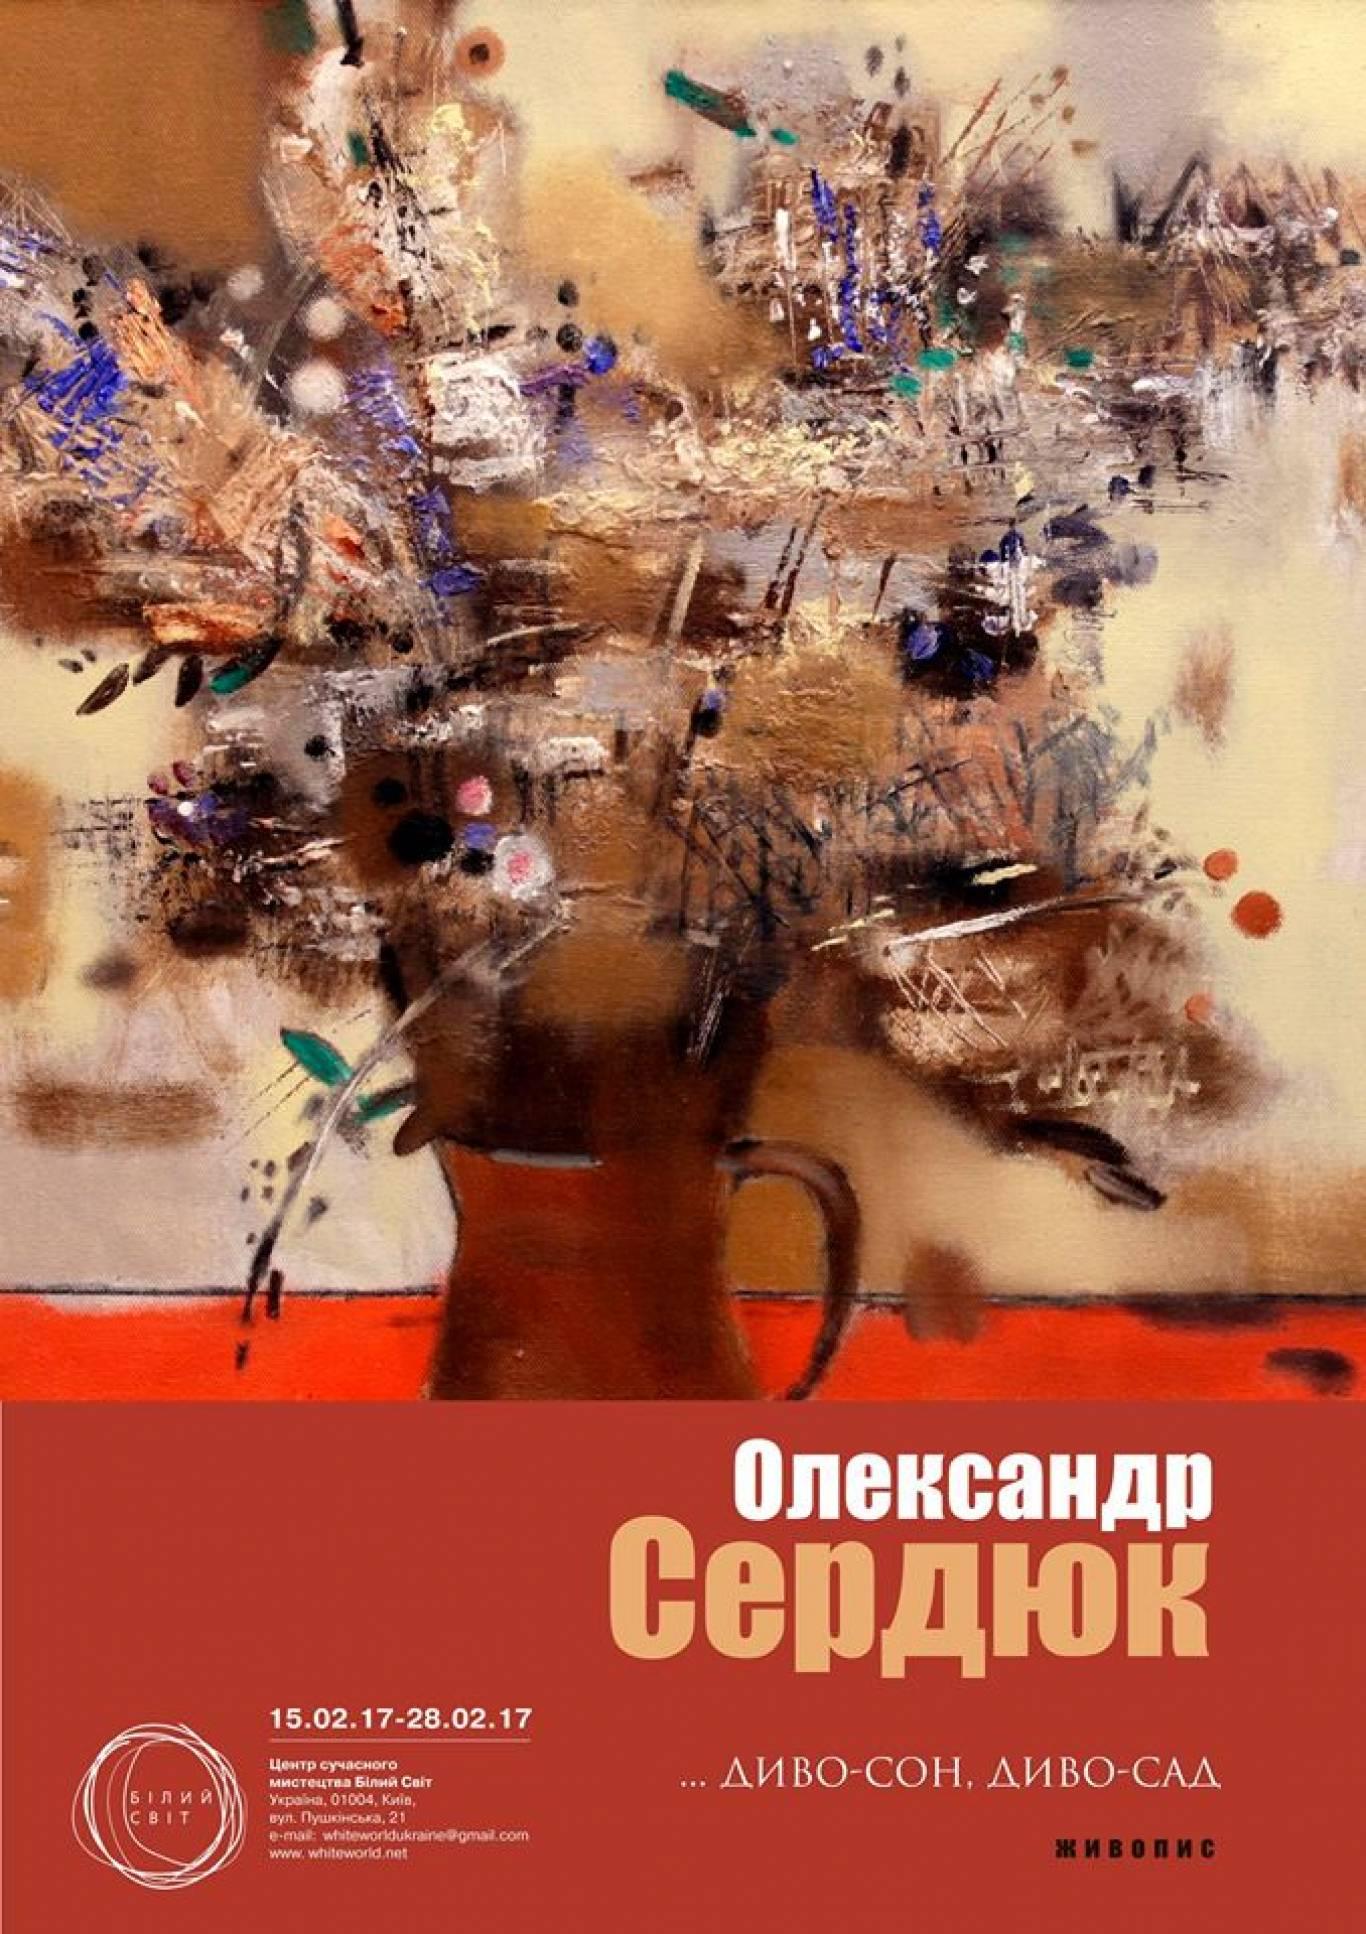 ...Диво-сон, Диво-сад... Виставка Олександра Сердюка